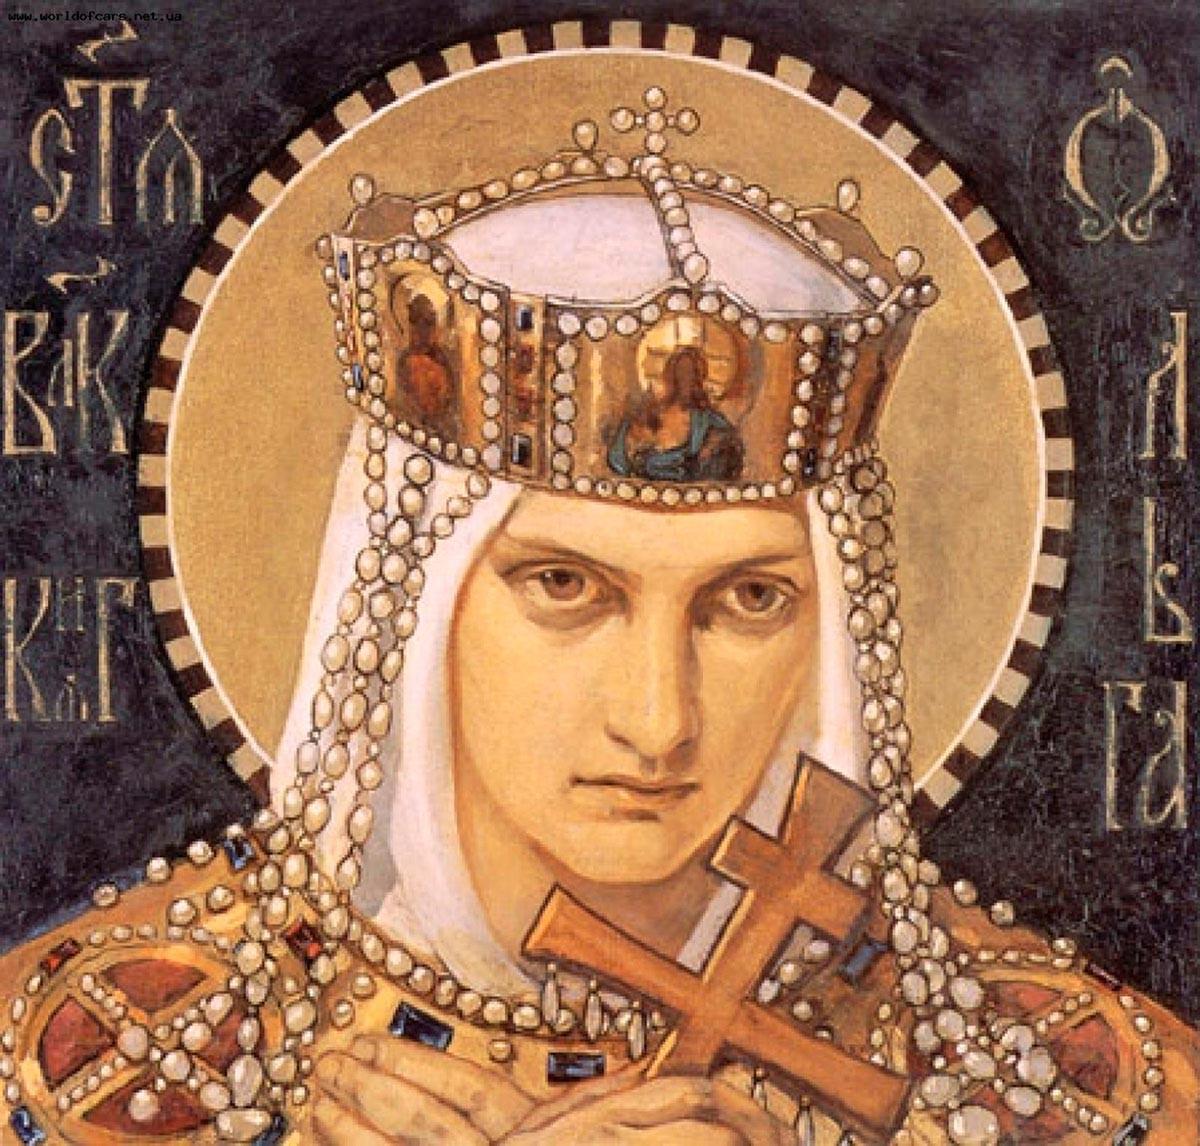 Nikolai Bruni. Saint Olga, 1901